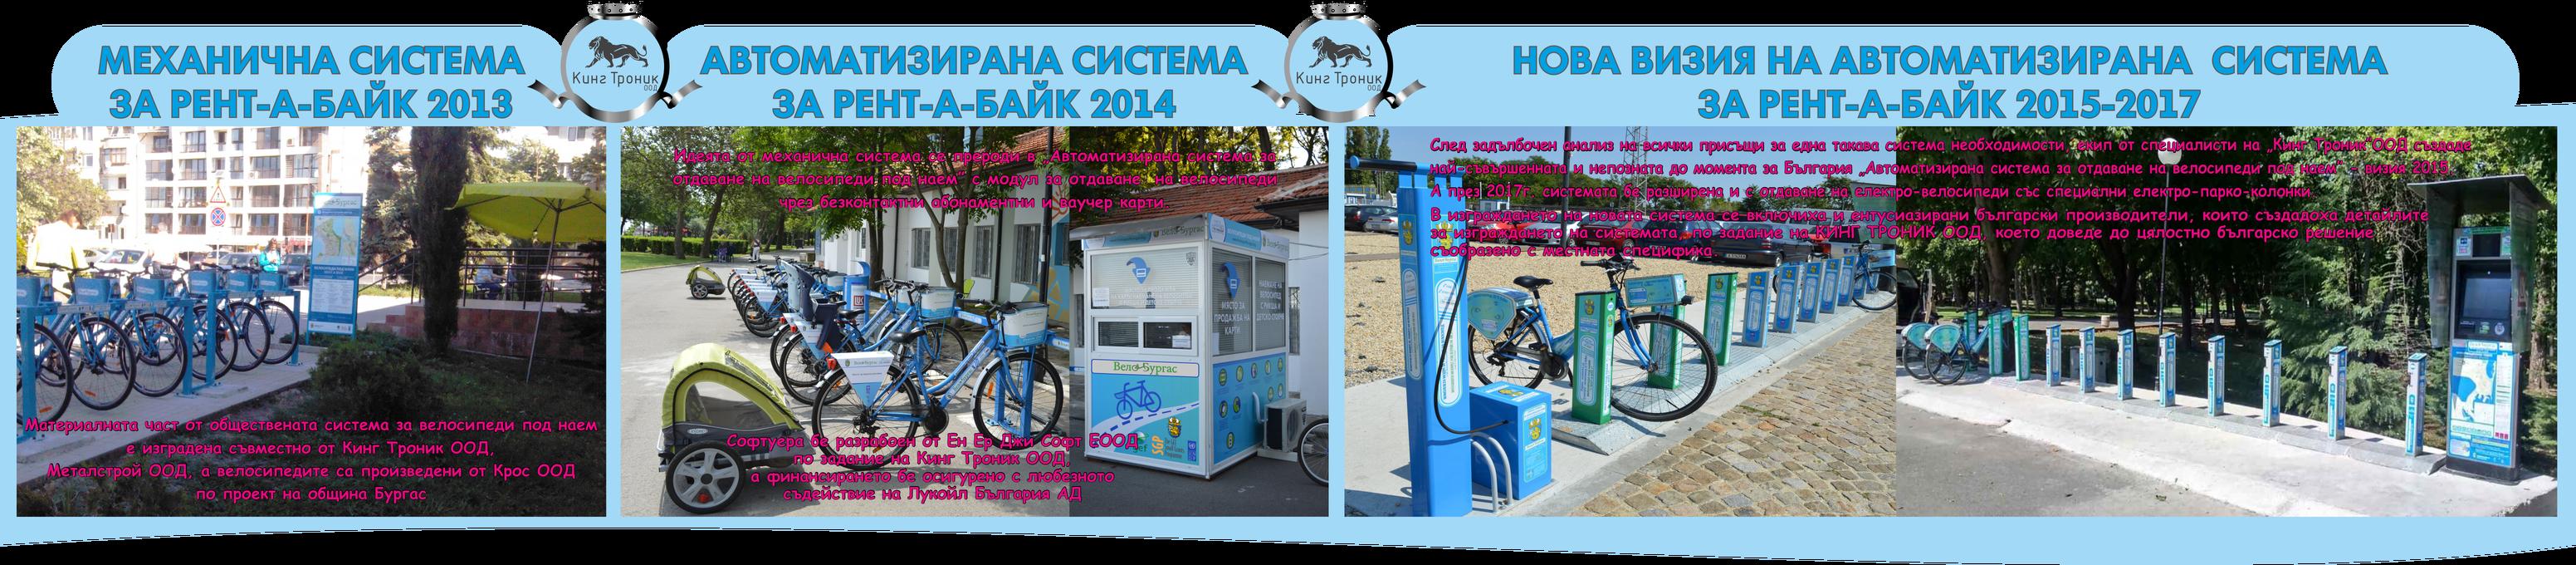 СИСТЕМИ ЗА ОТДАВАНЕ НА ВЕЛОСИПЕДИ ПОД НАЕМ / RENT-A-BIKE - Изградени велостанции от 2013 до 2019